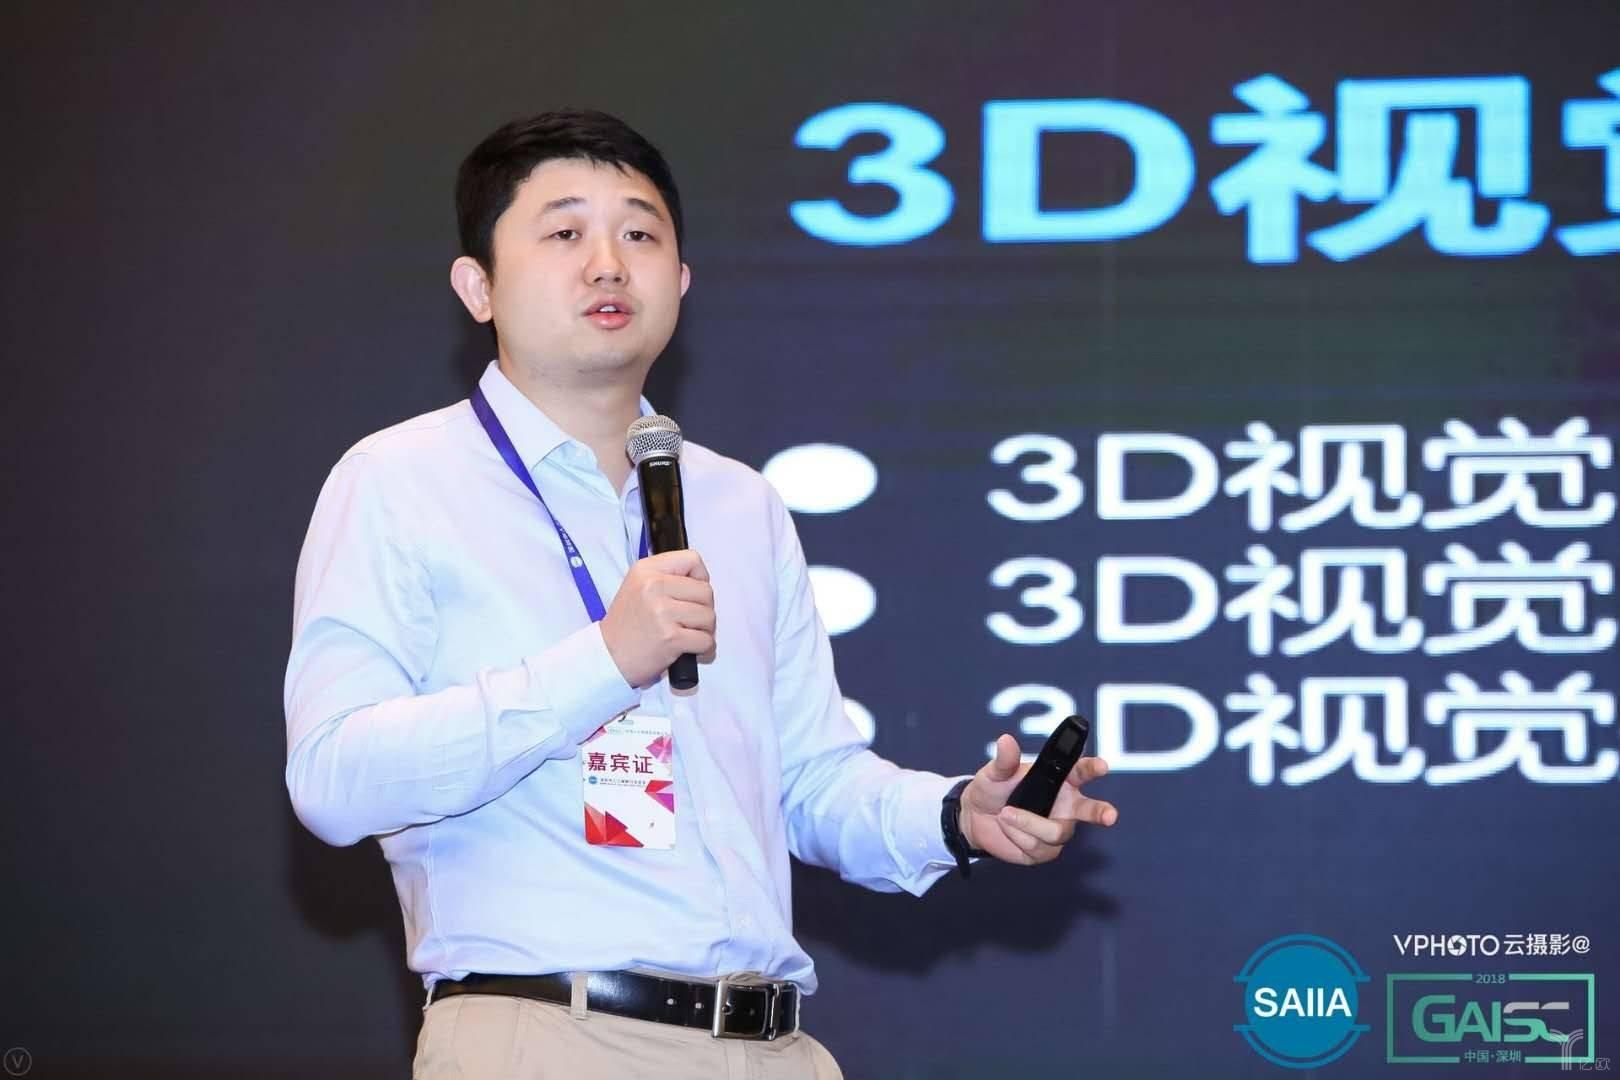 奥比中光,陈挚,3D传感,苹果,人脸识别,人工智能,机器视觉